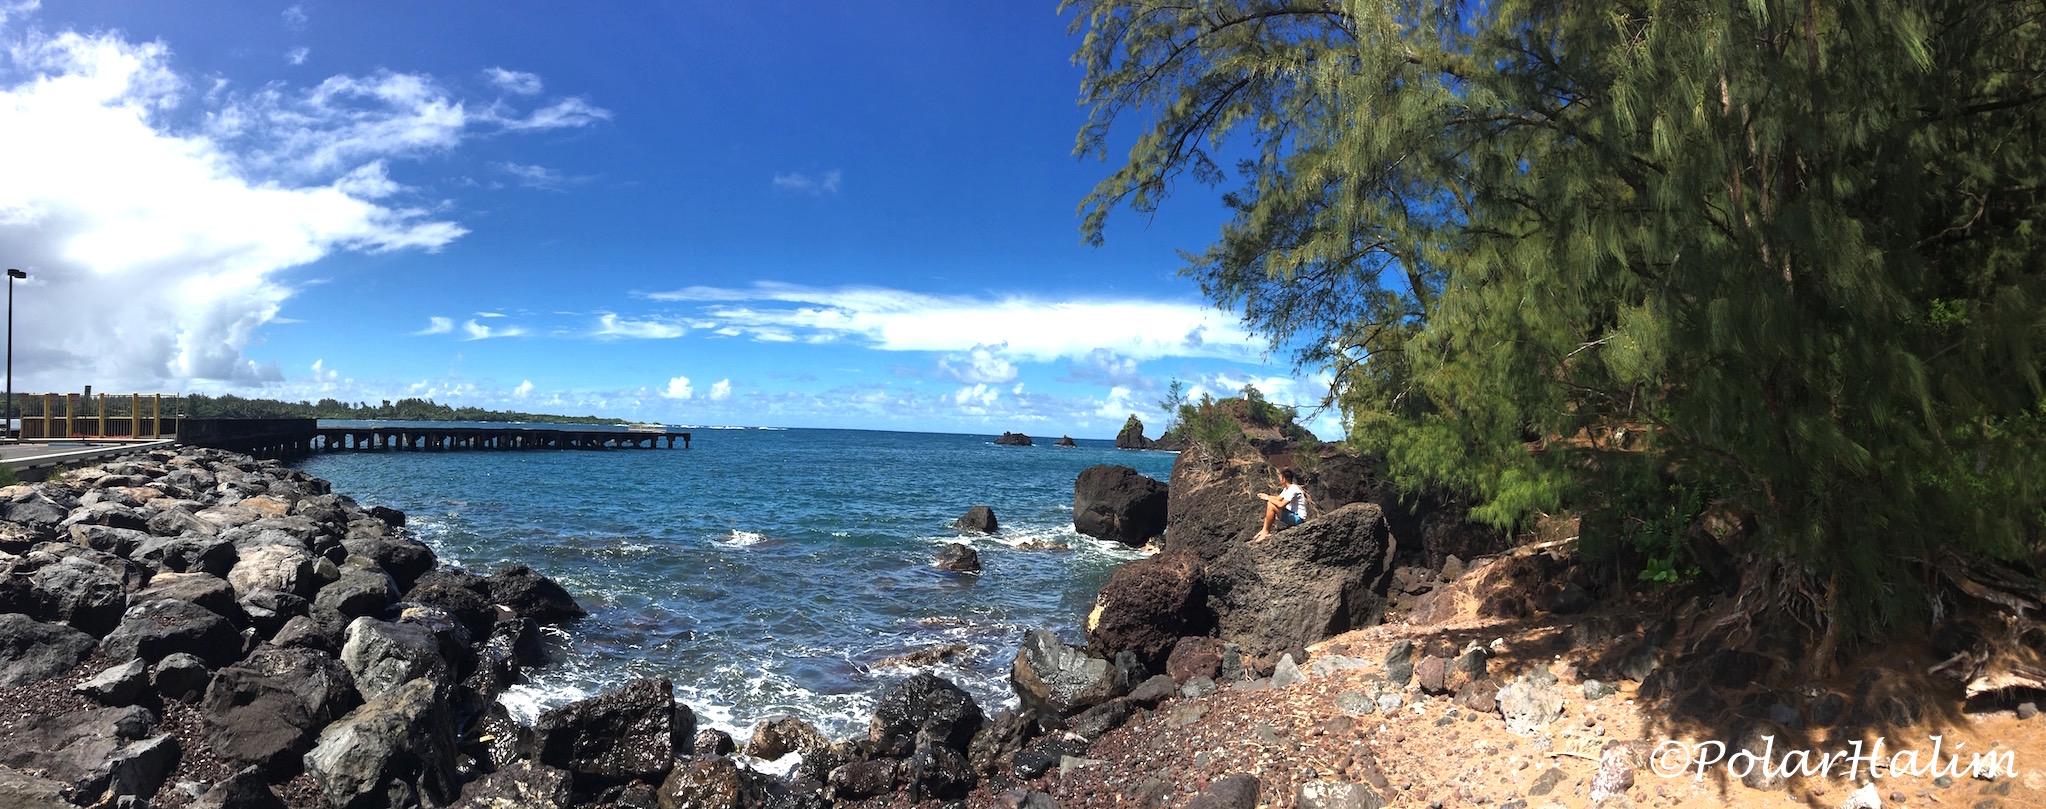 End of Maui